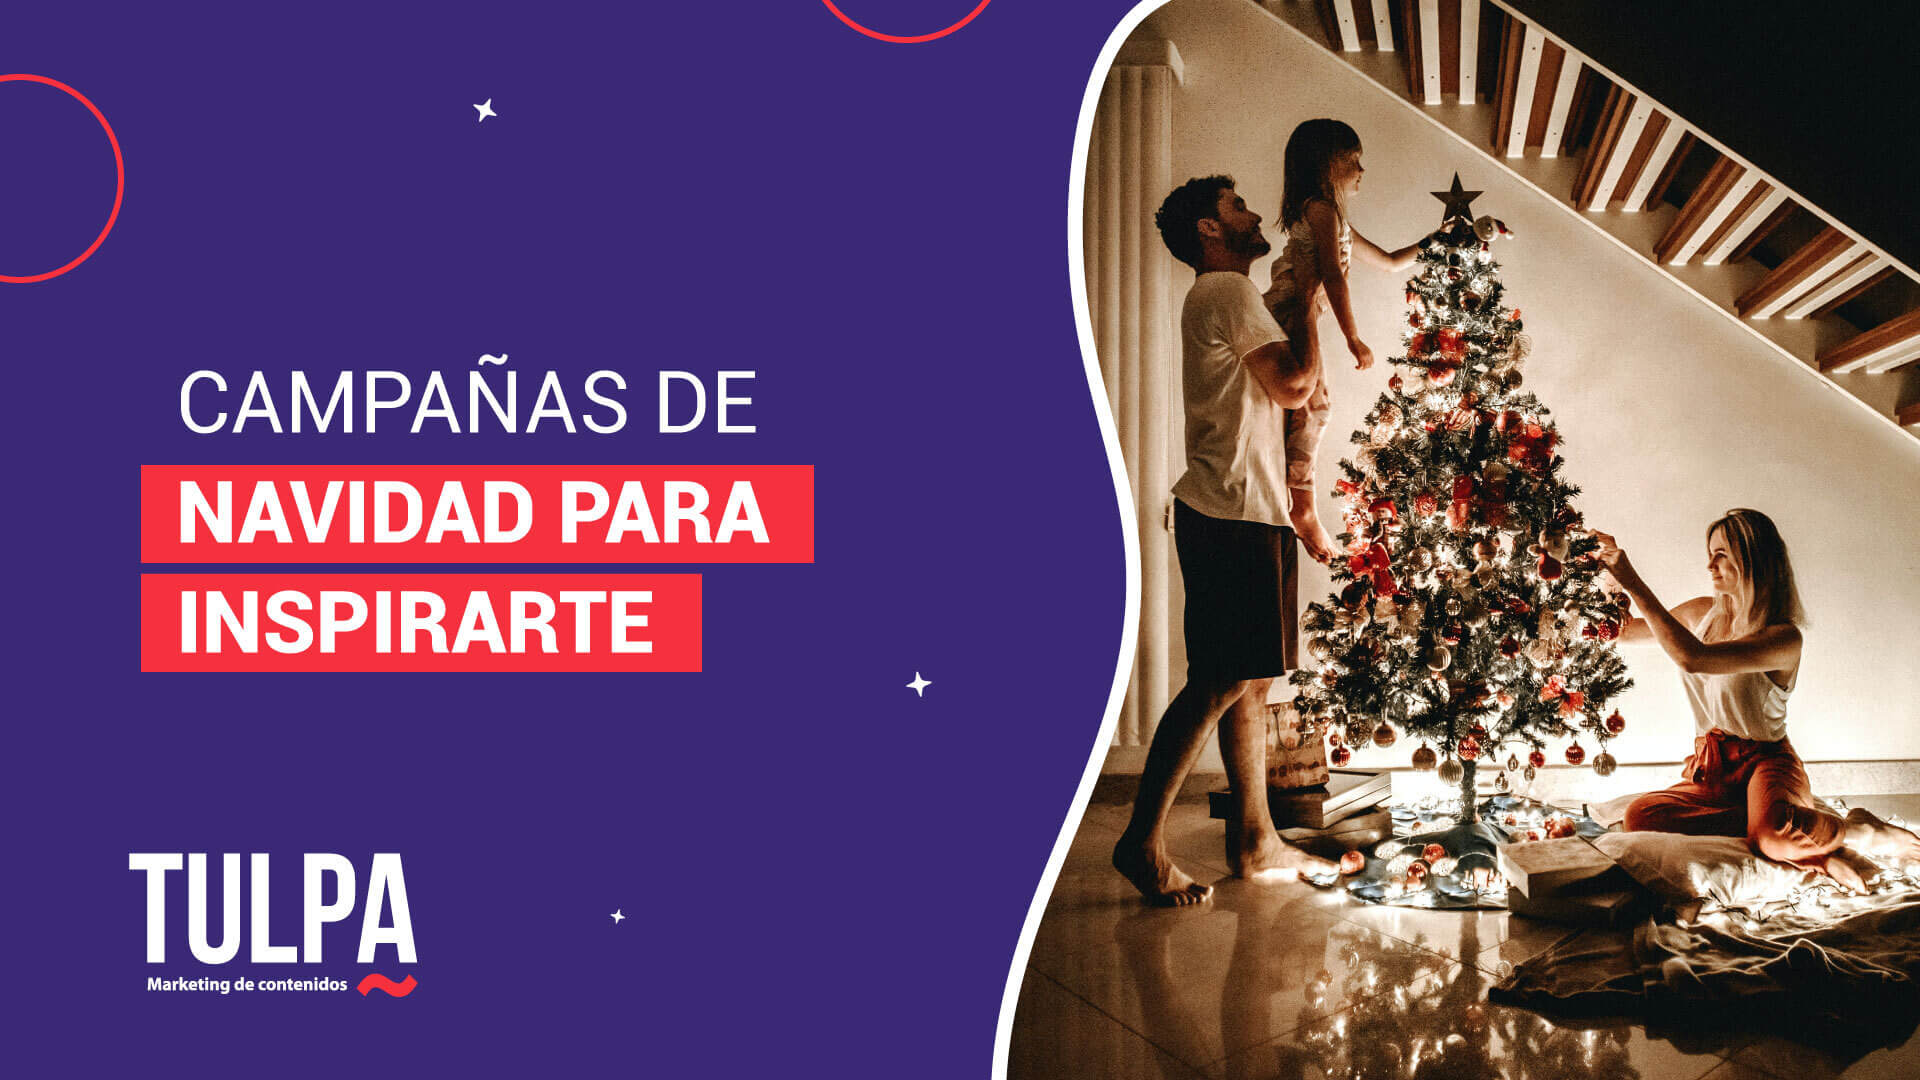 Campañas de Navidad para inspirarte.